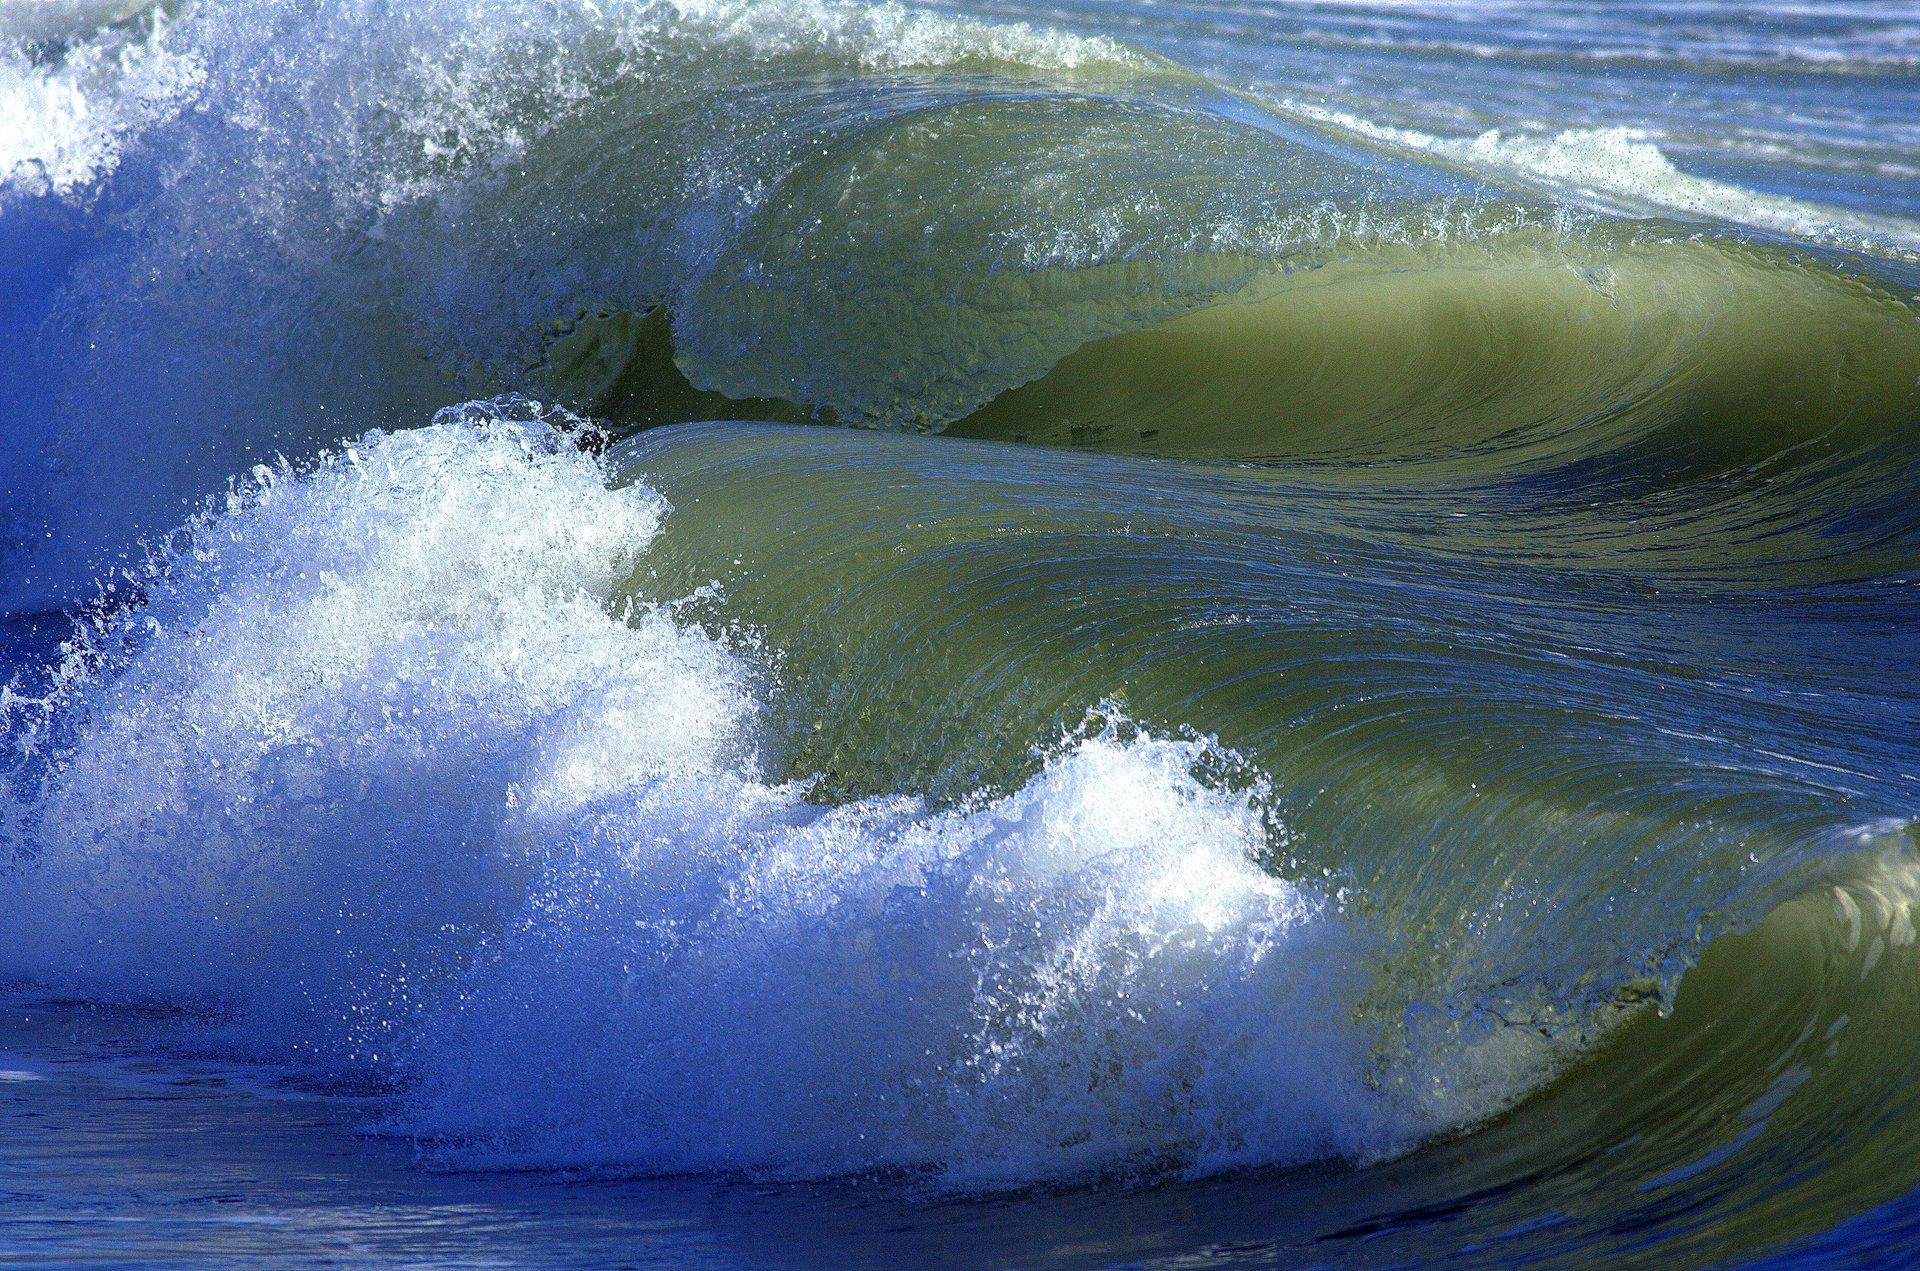 прибрежные волны бесплатно